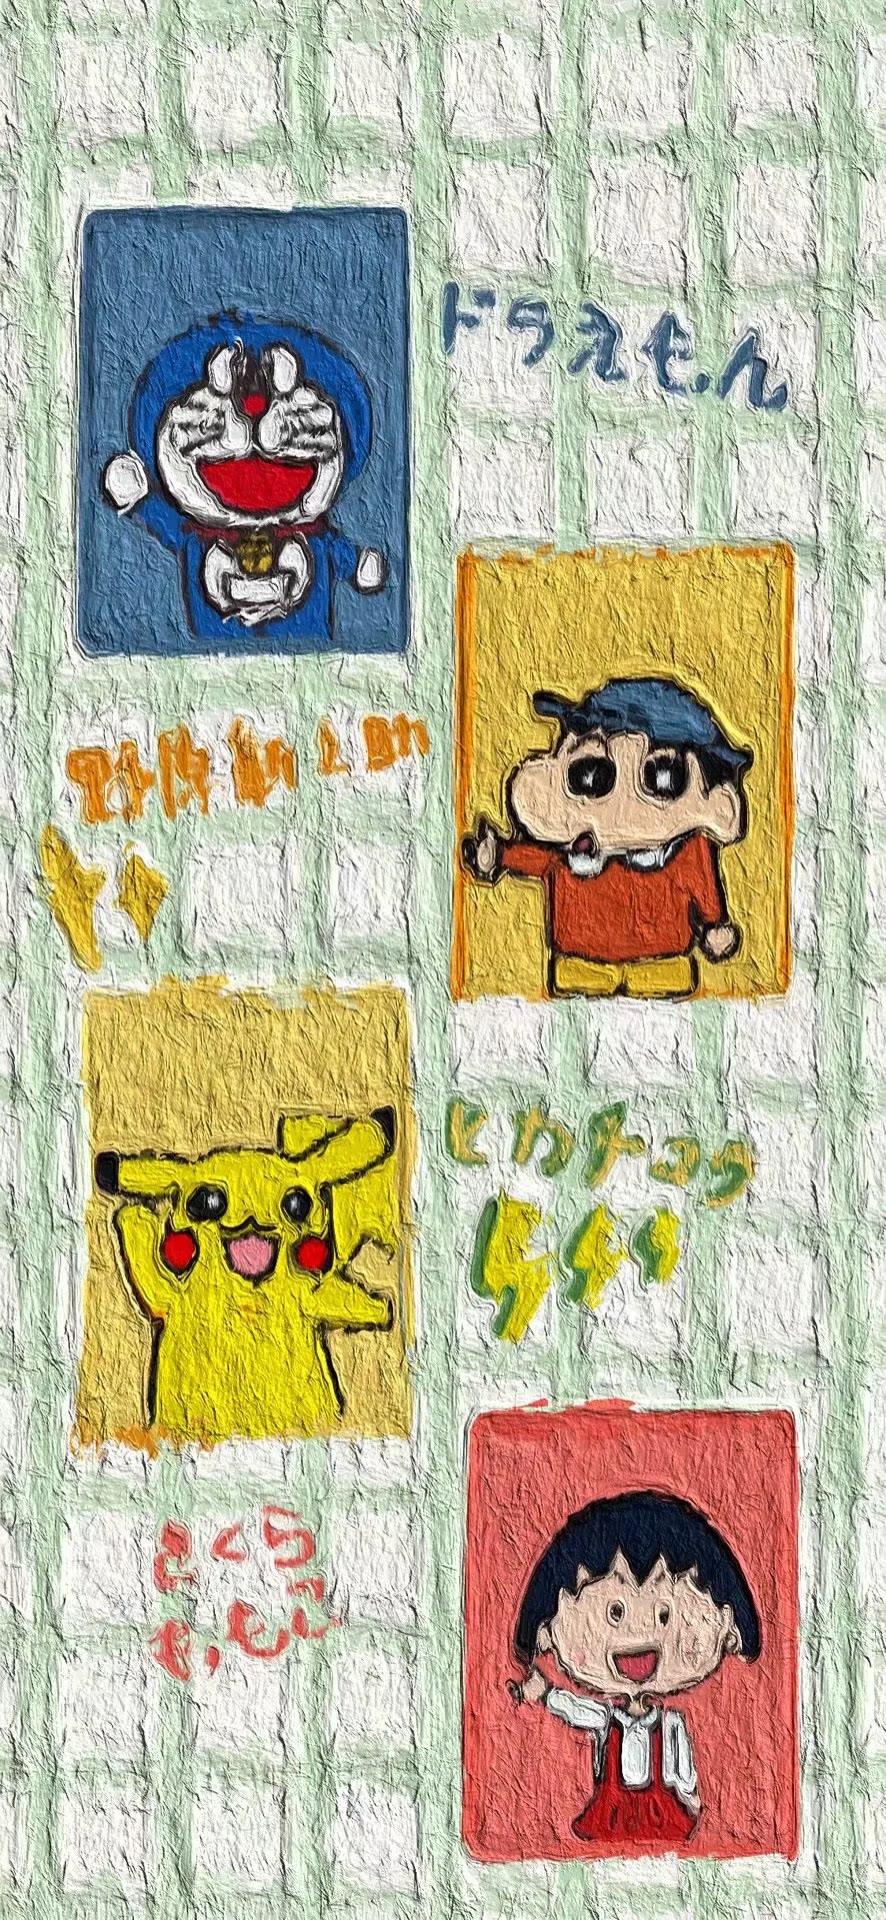 卡通动漫美图适合做微信QQ背景图 第5张图片